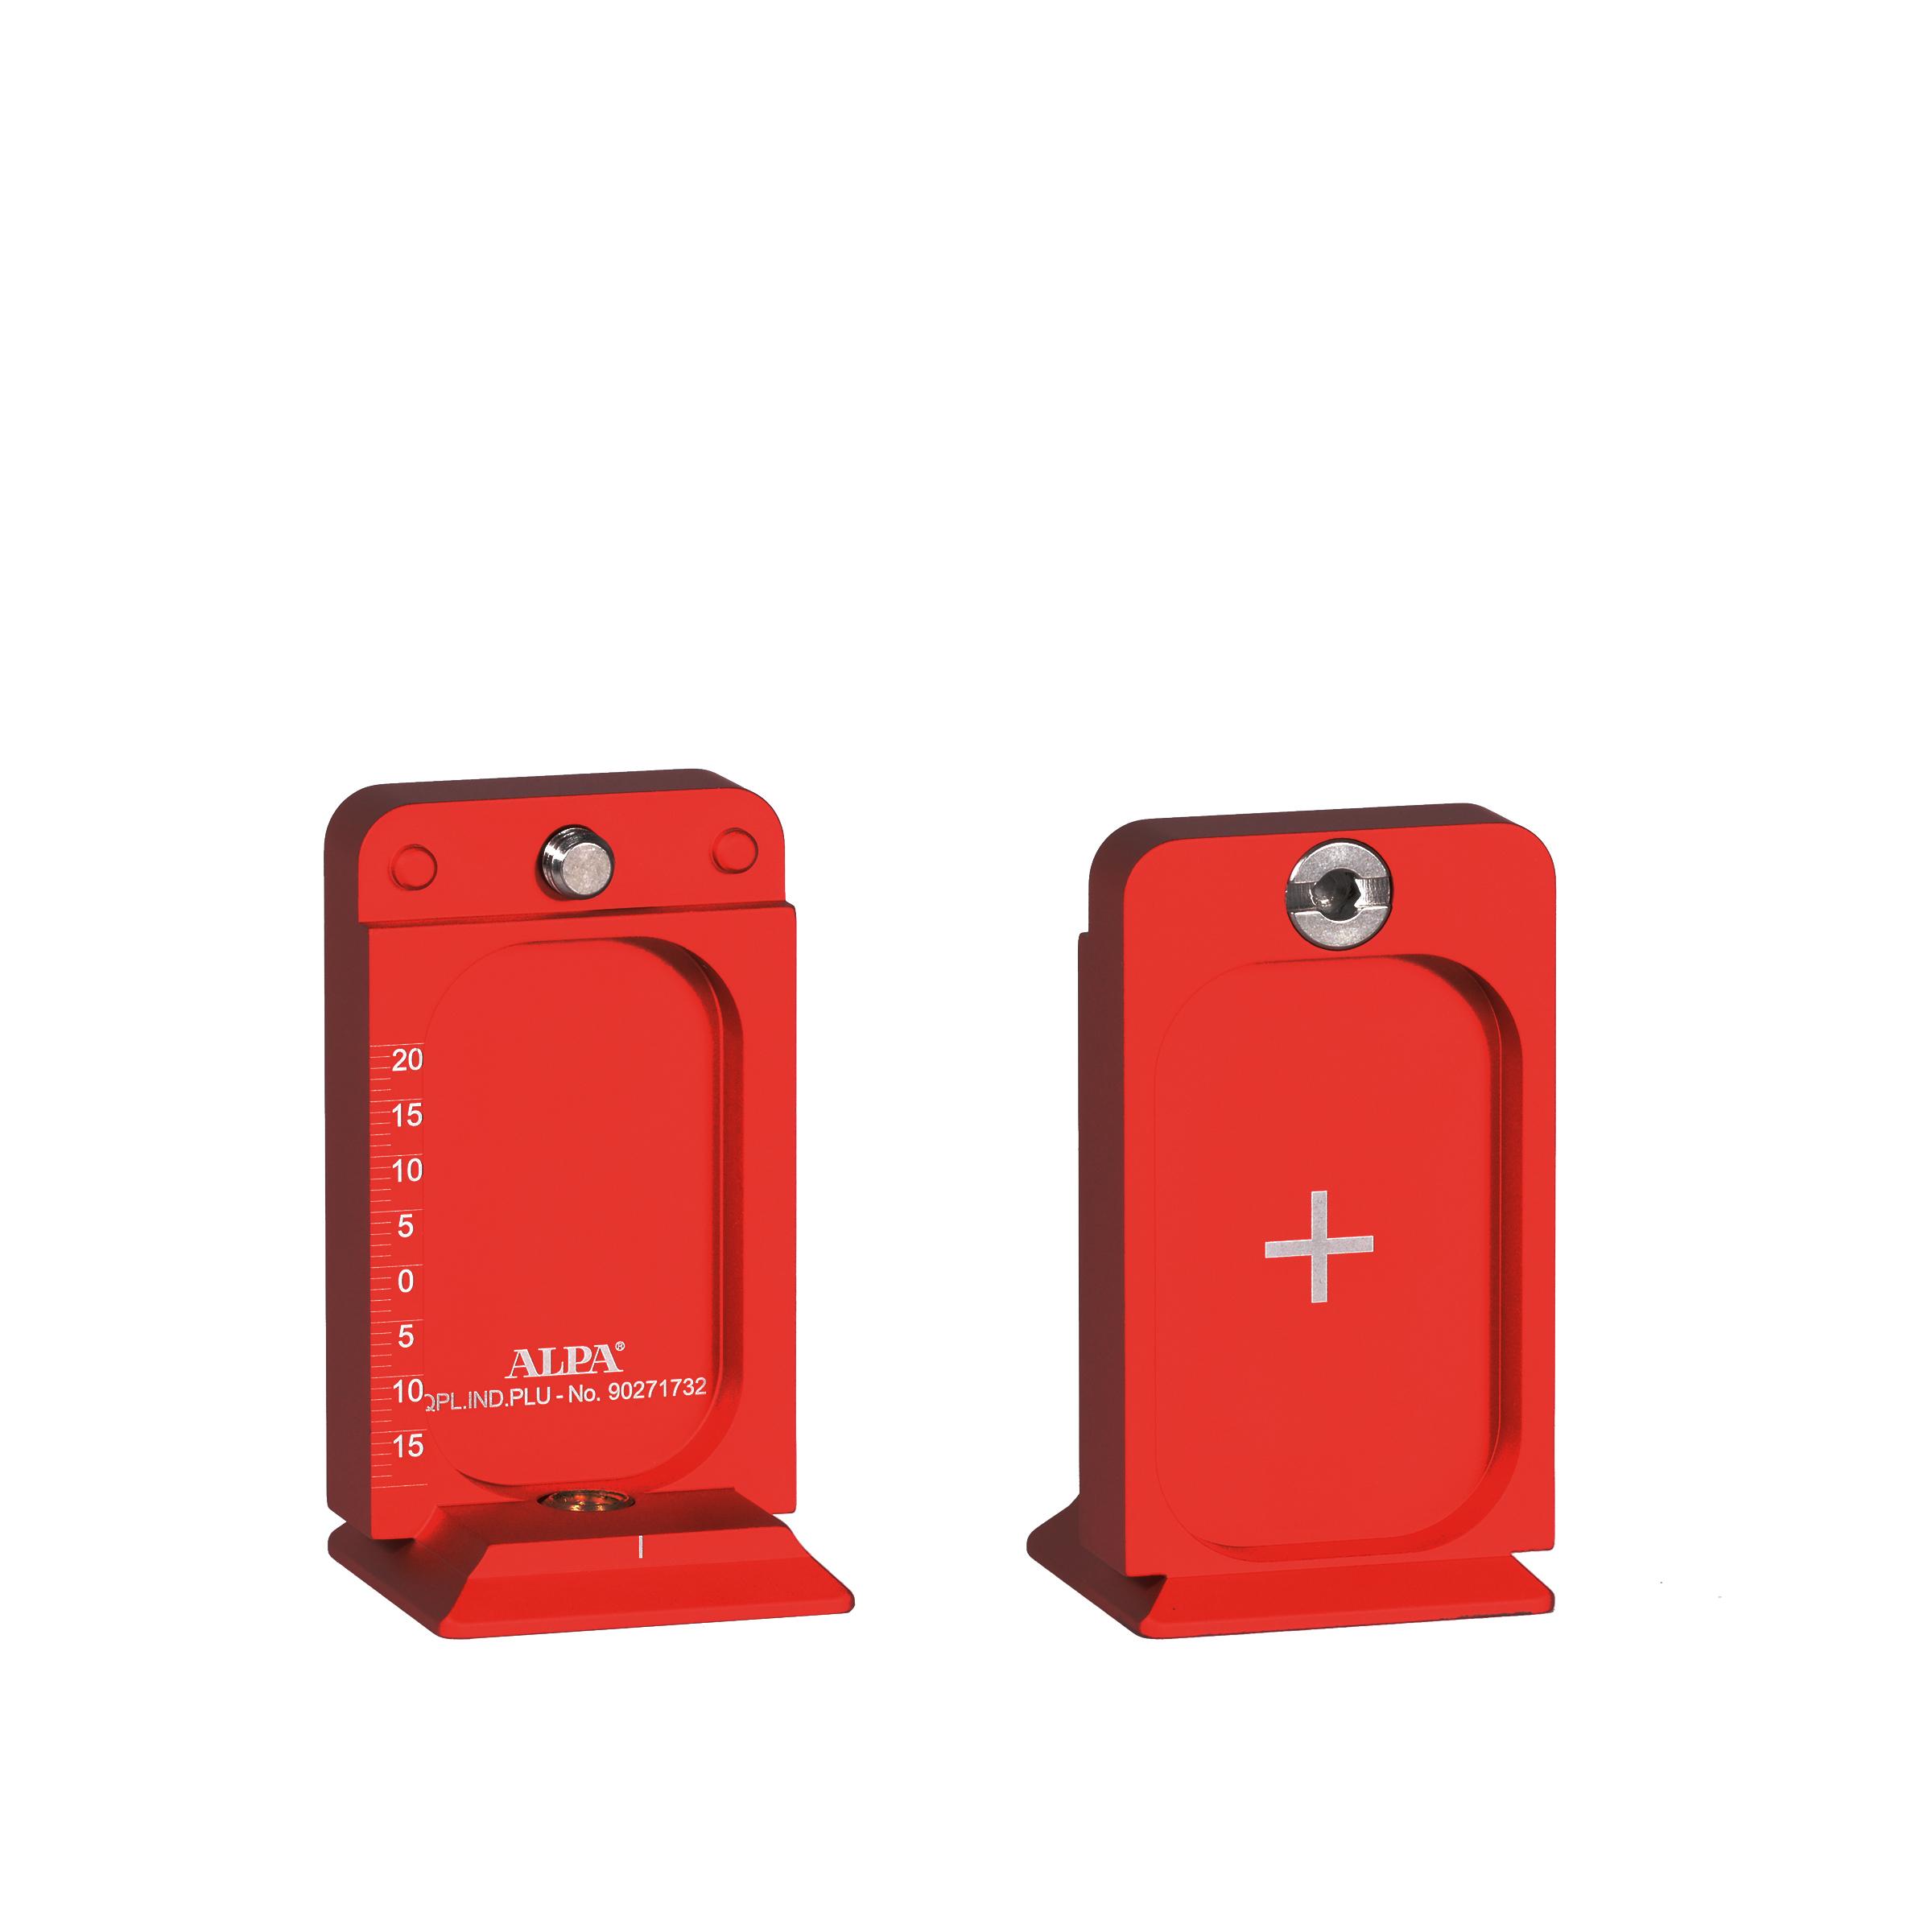 ALPA Adaptador de costura ALPA 12 PLUS, vermelho